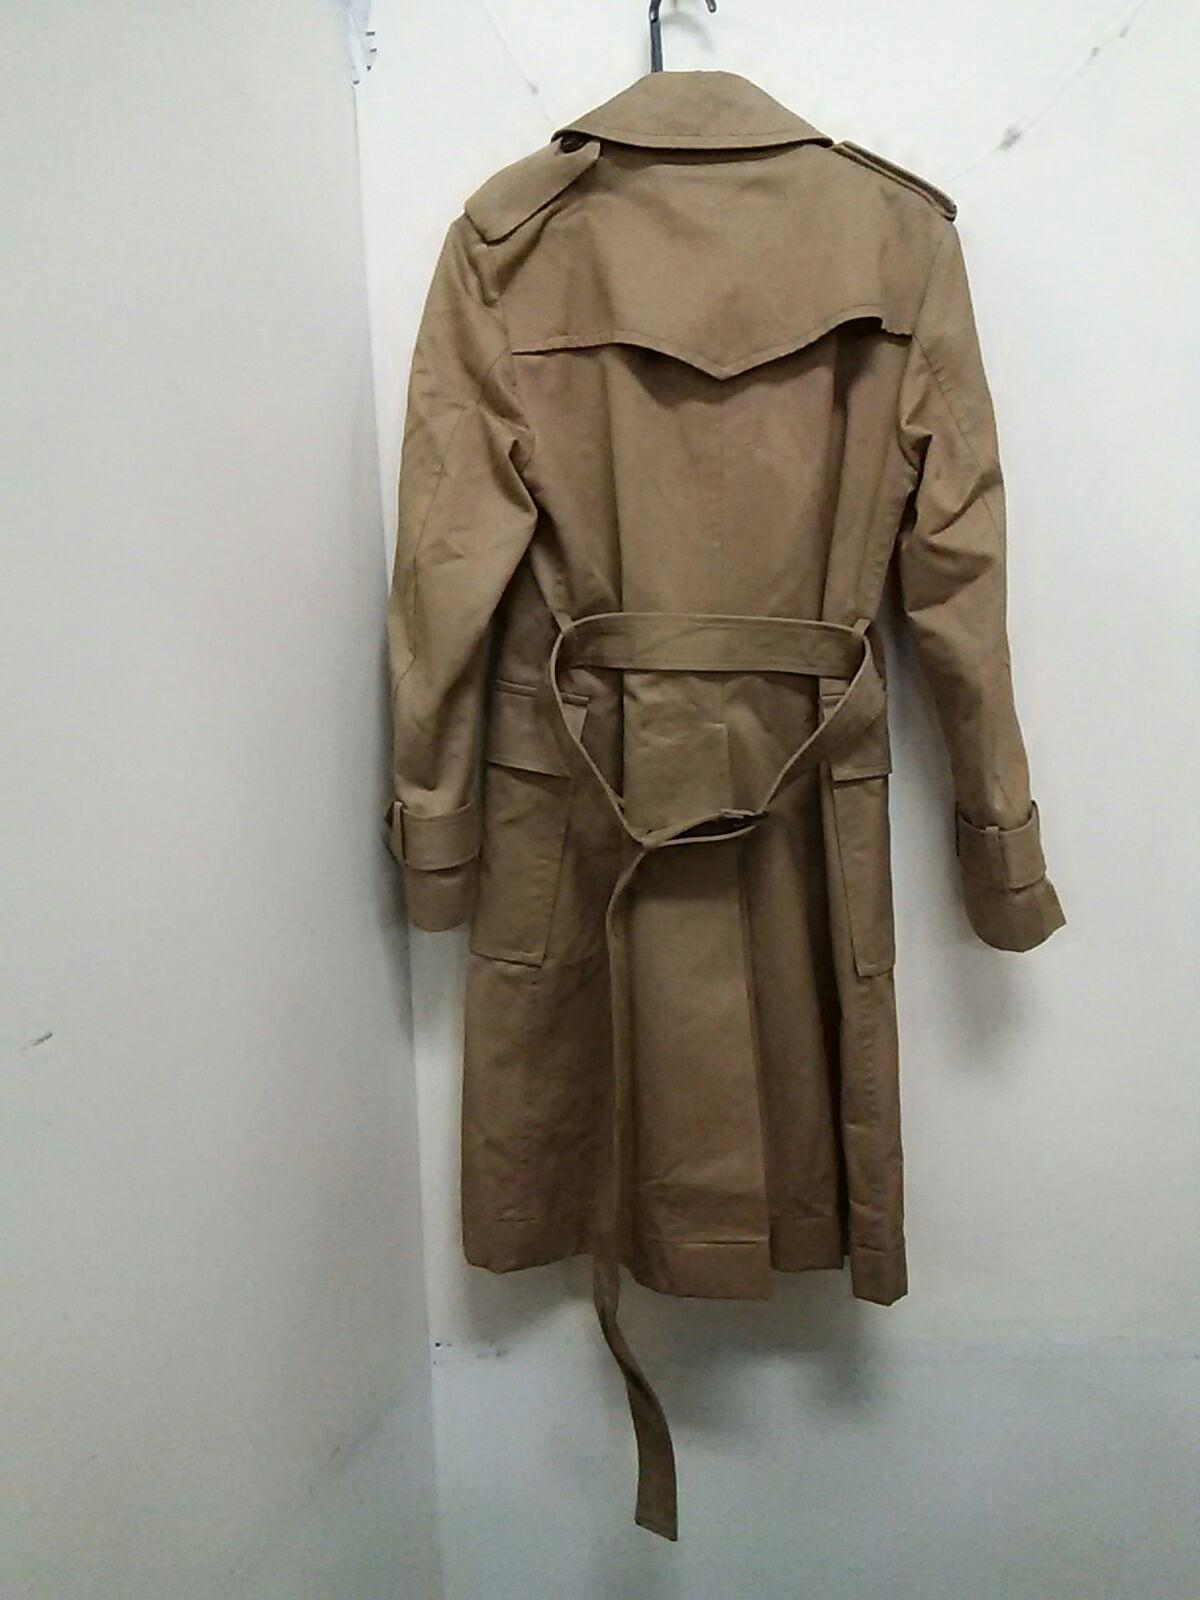 LYTHA(リター)のコート